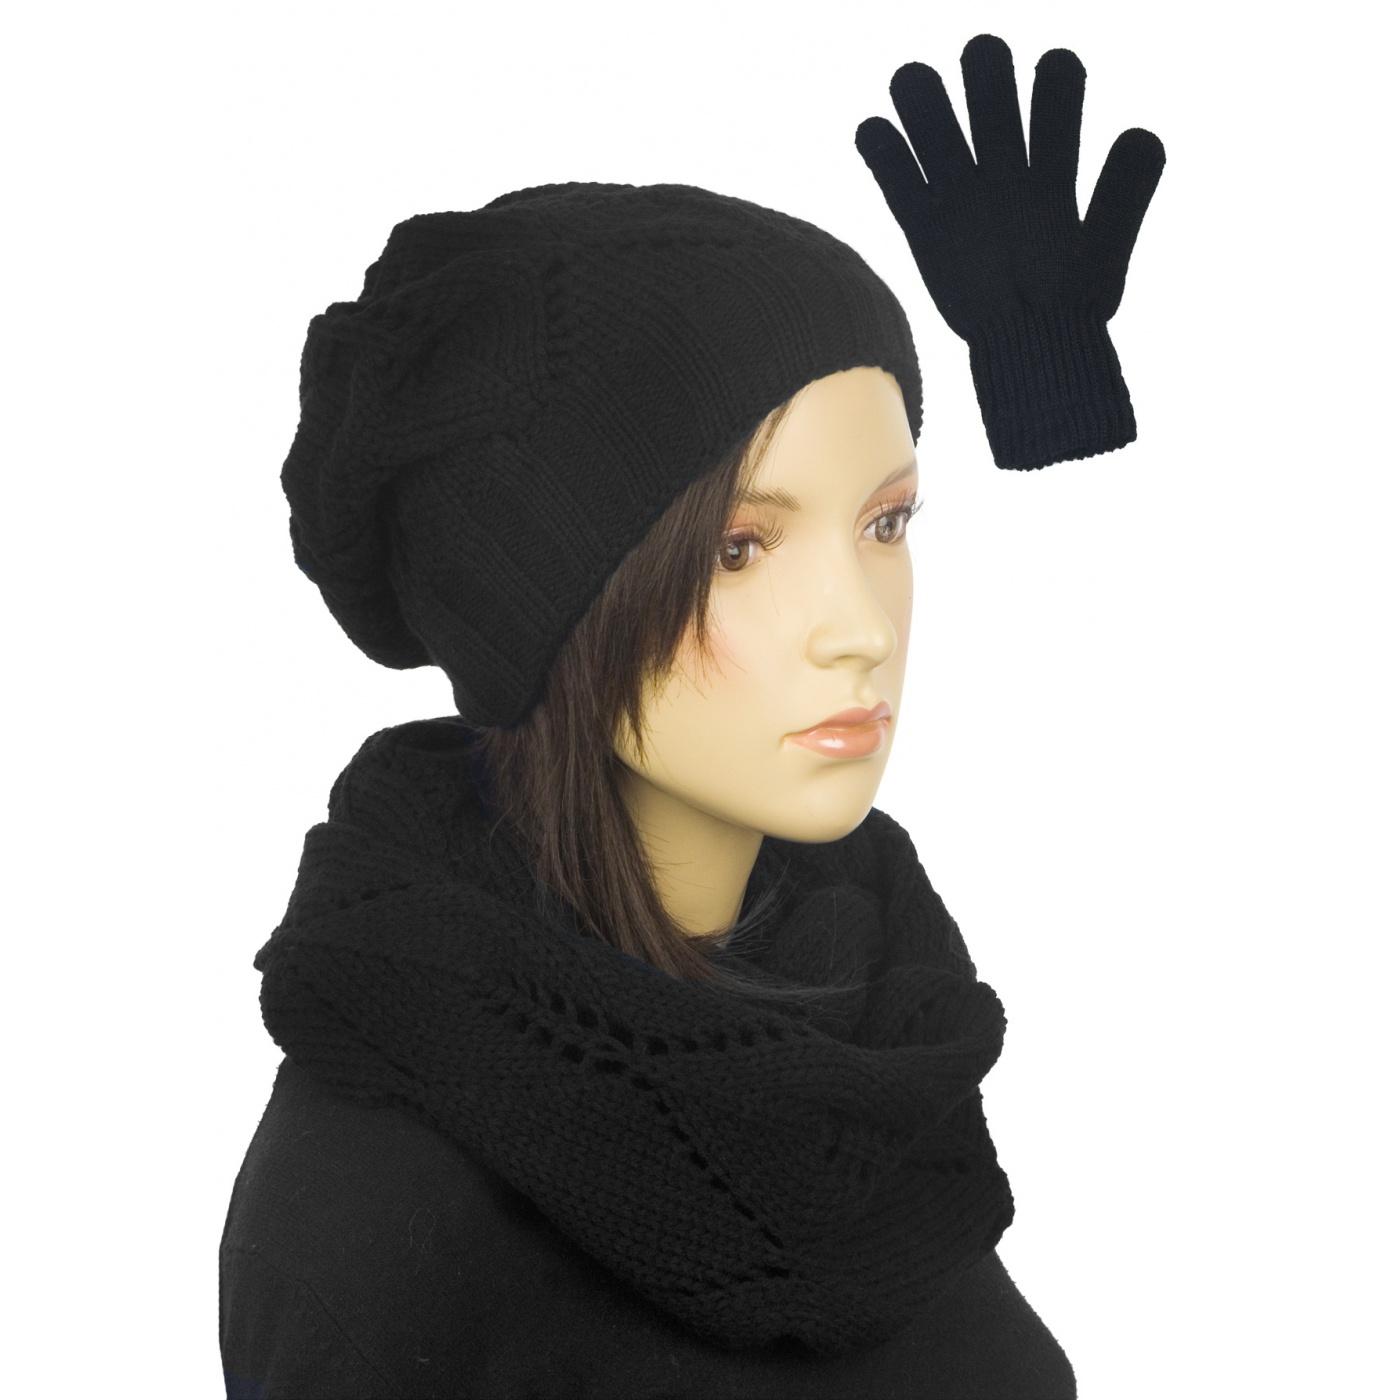 Ażurowy komplet damski czapka, komin, rękawiczki - czarny